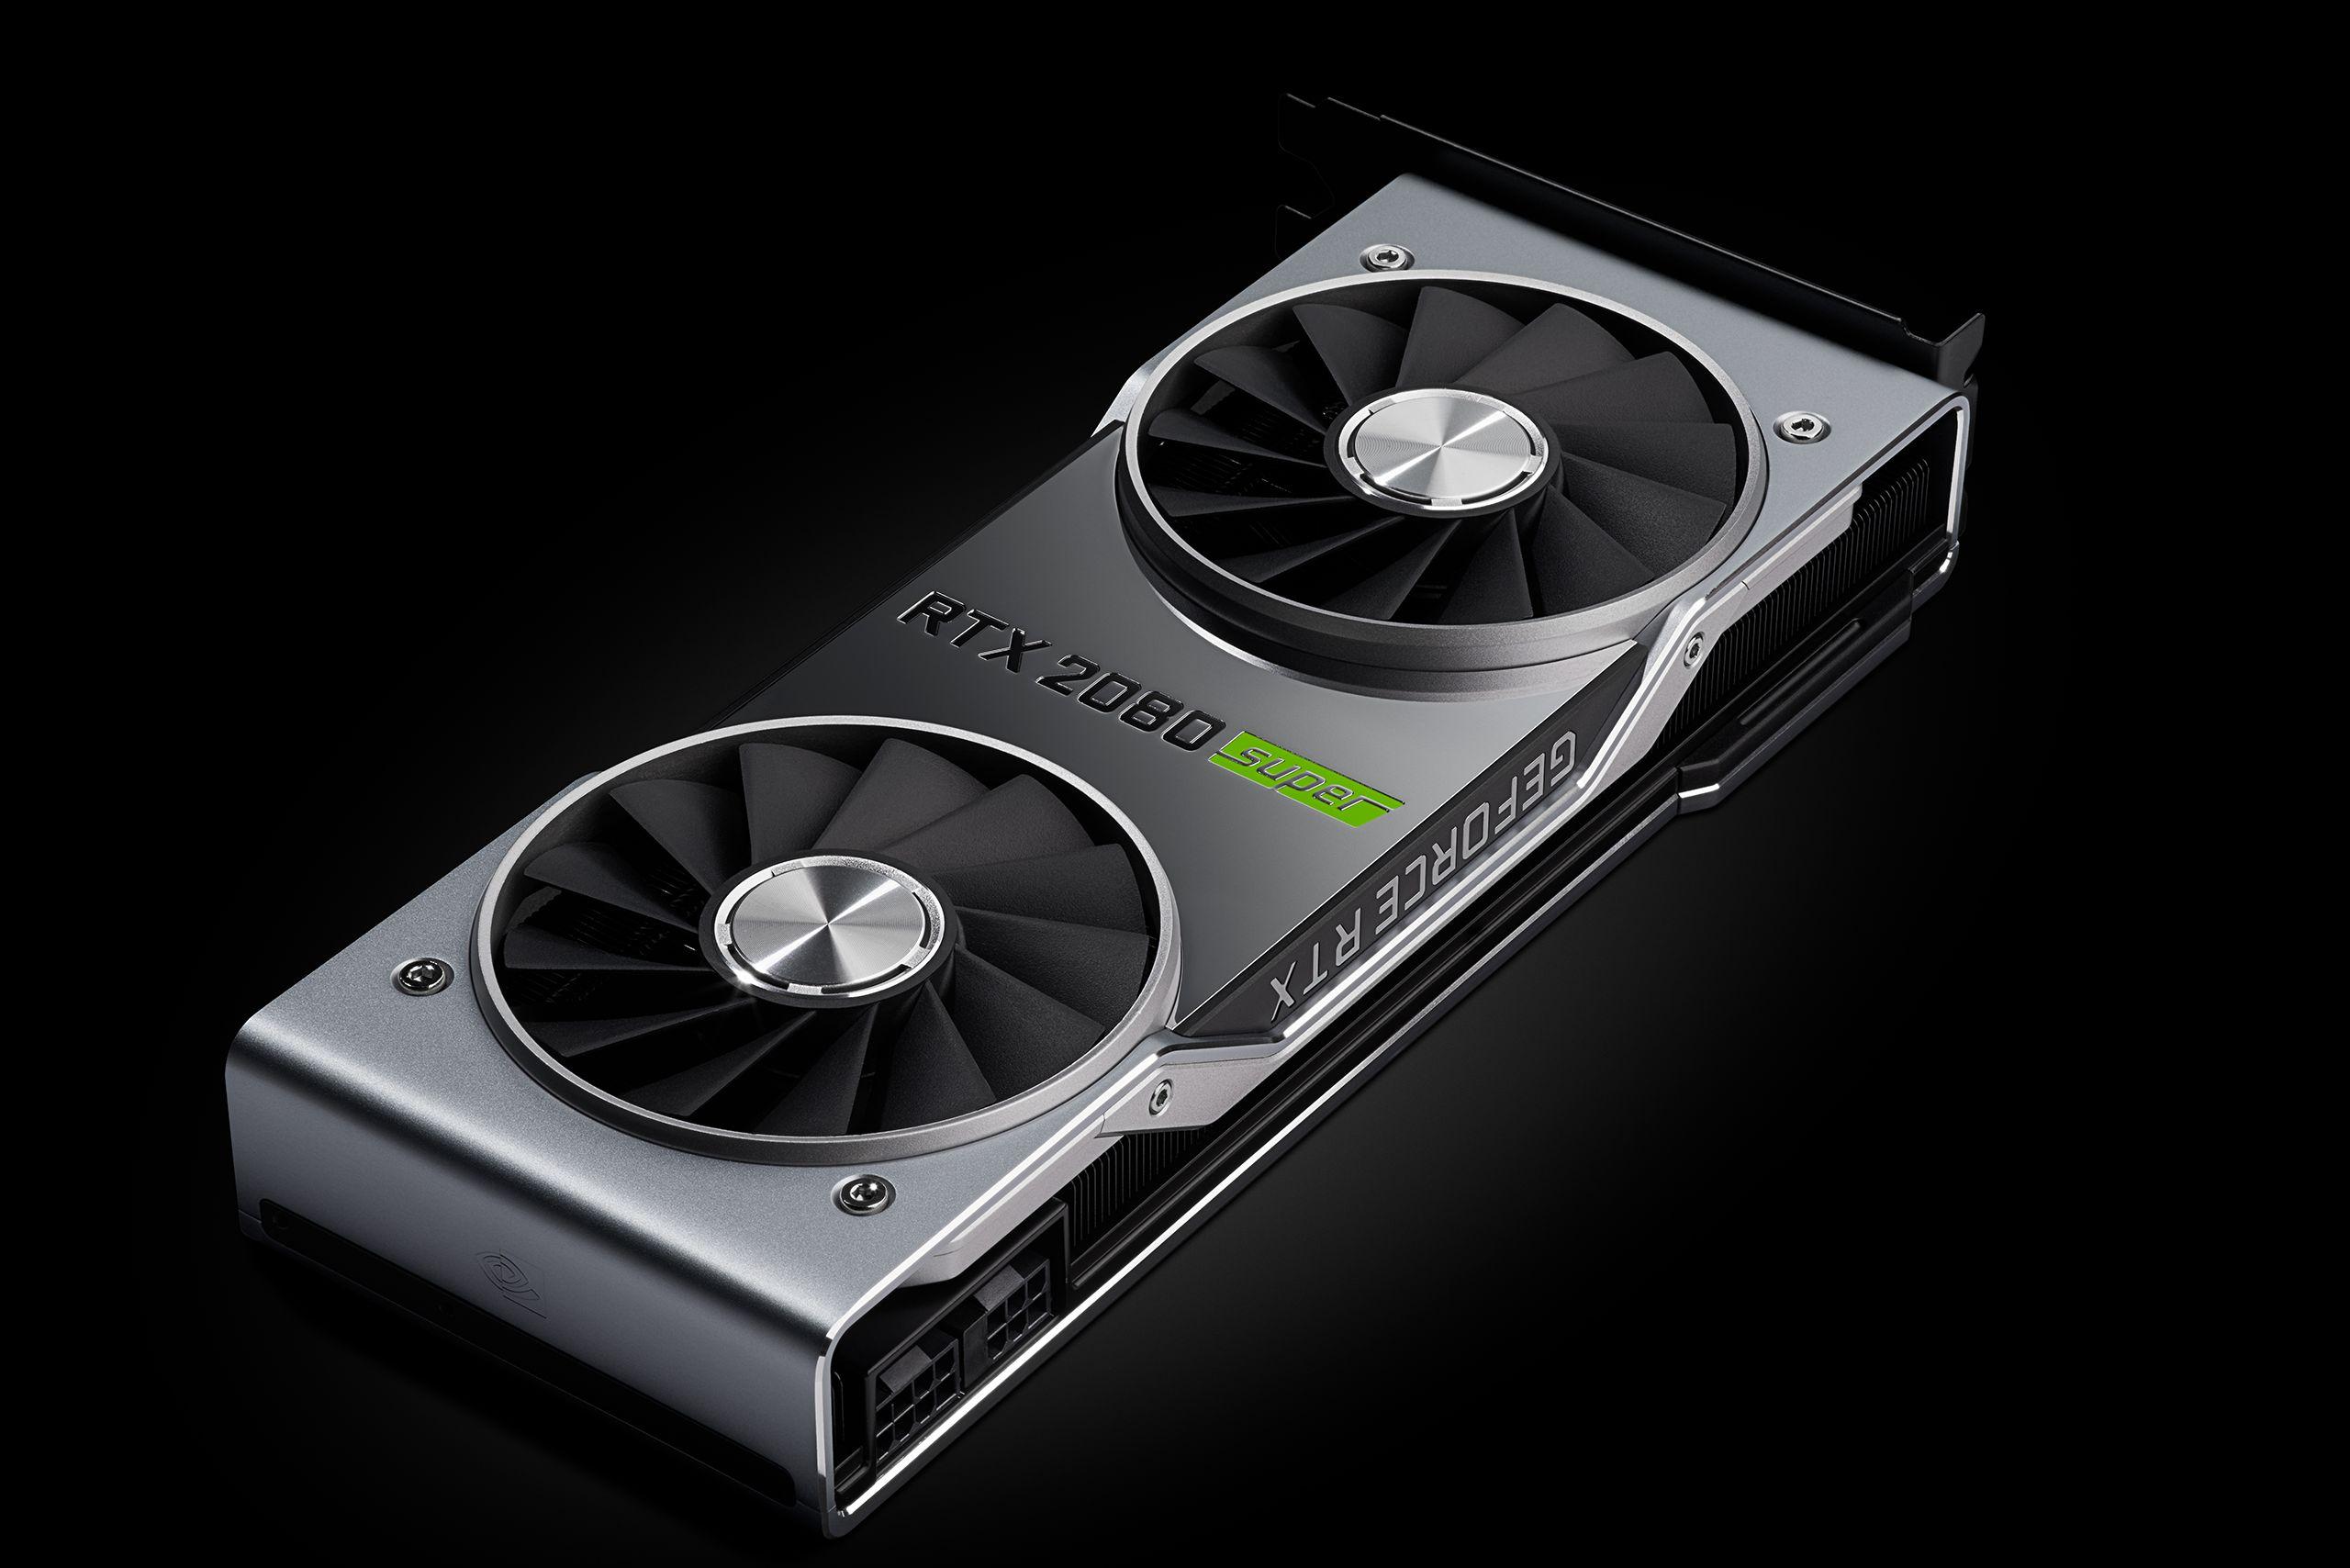 Nvidia jemne zmenila aj dizajn kariet a čierny plech už na nových modeloch nie je.